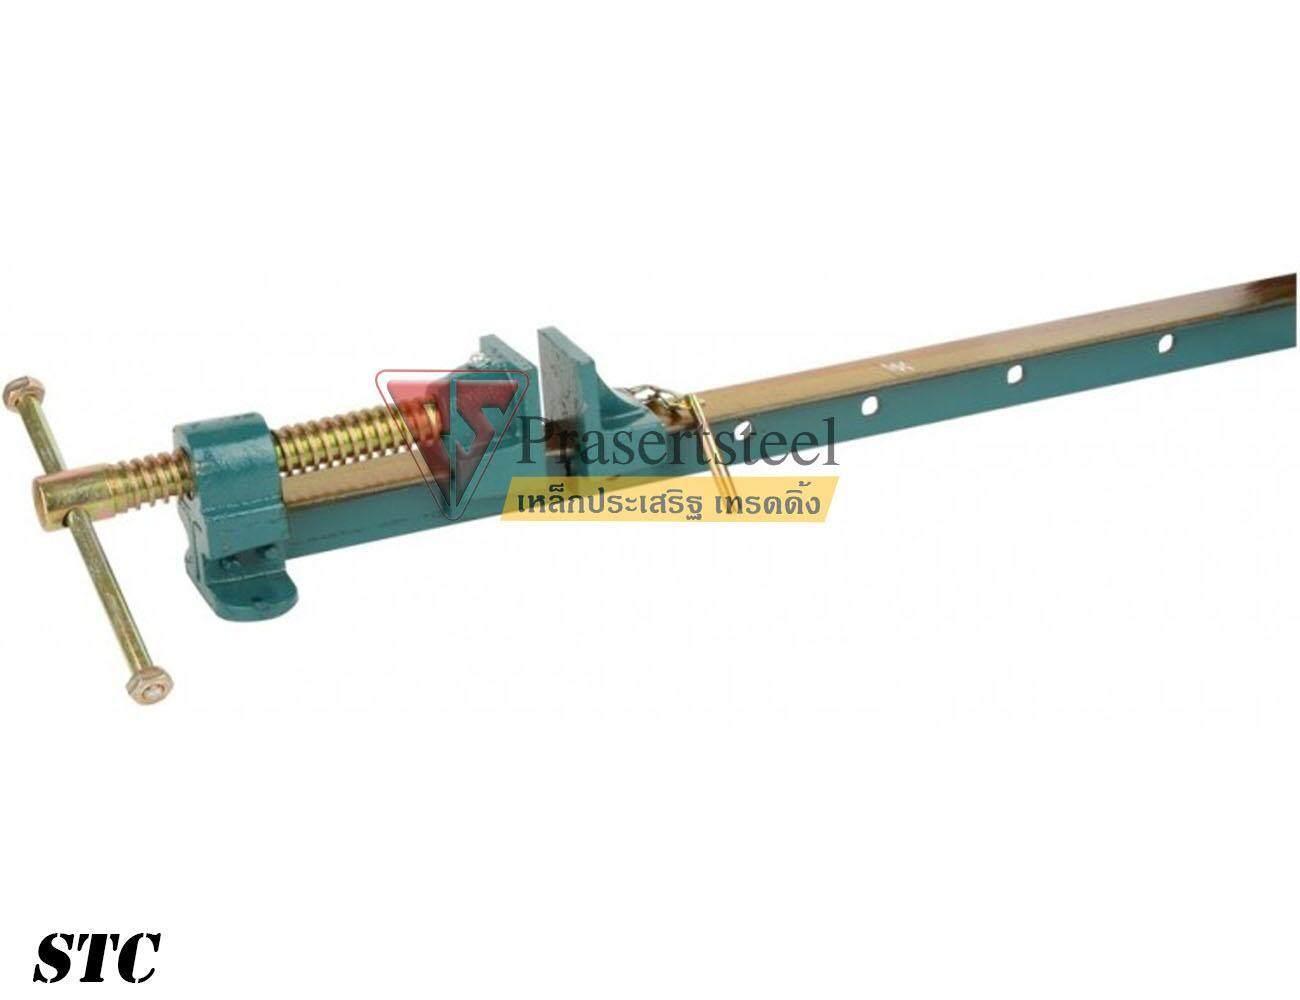 SRI ปากกาอัดไม้ ตรา เฮลิคอปเตอร์ 6 ฟุต (สินค้าพร้อมจัดส่งทันที) เหล็กแข็งแรง การันตี คุณภาพอย่างดี